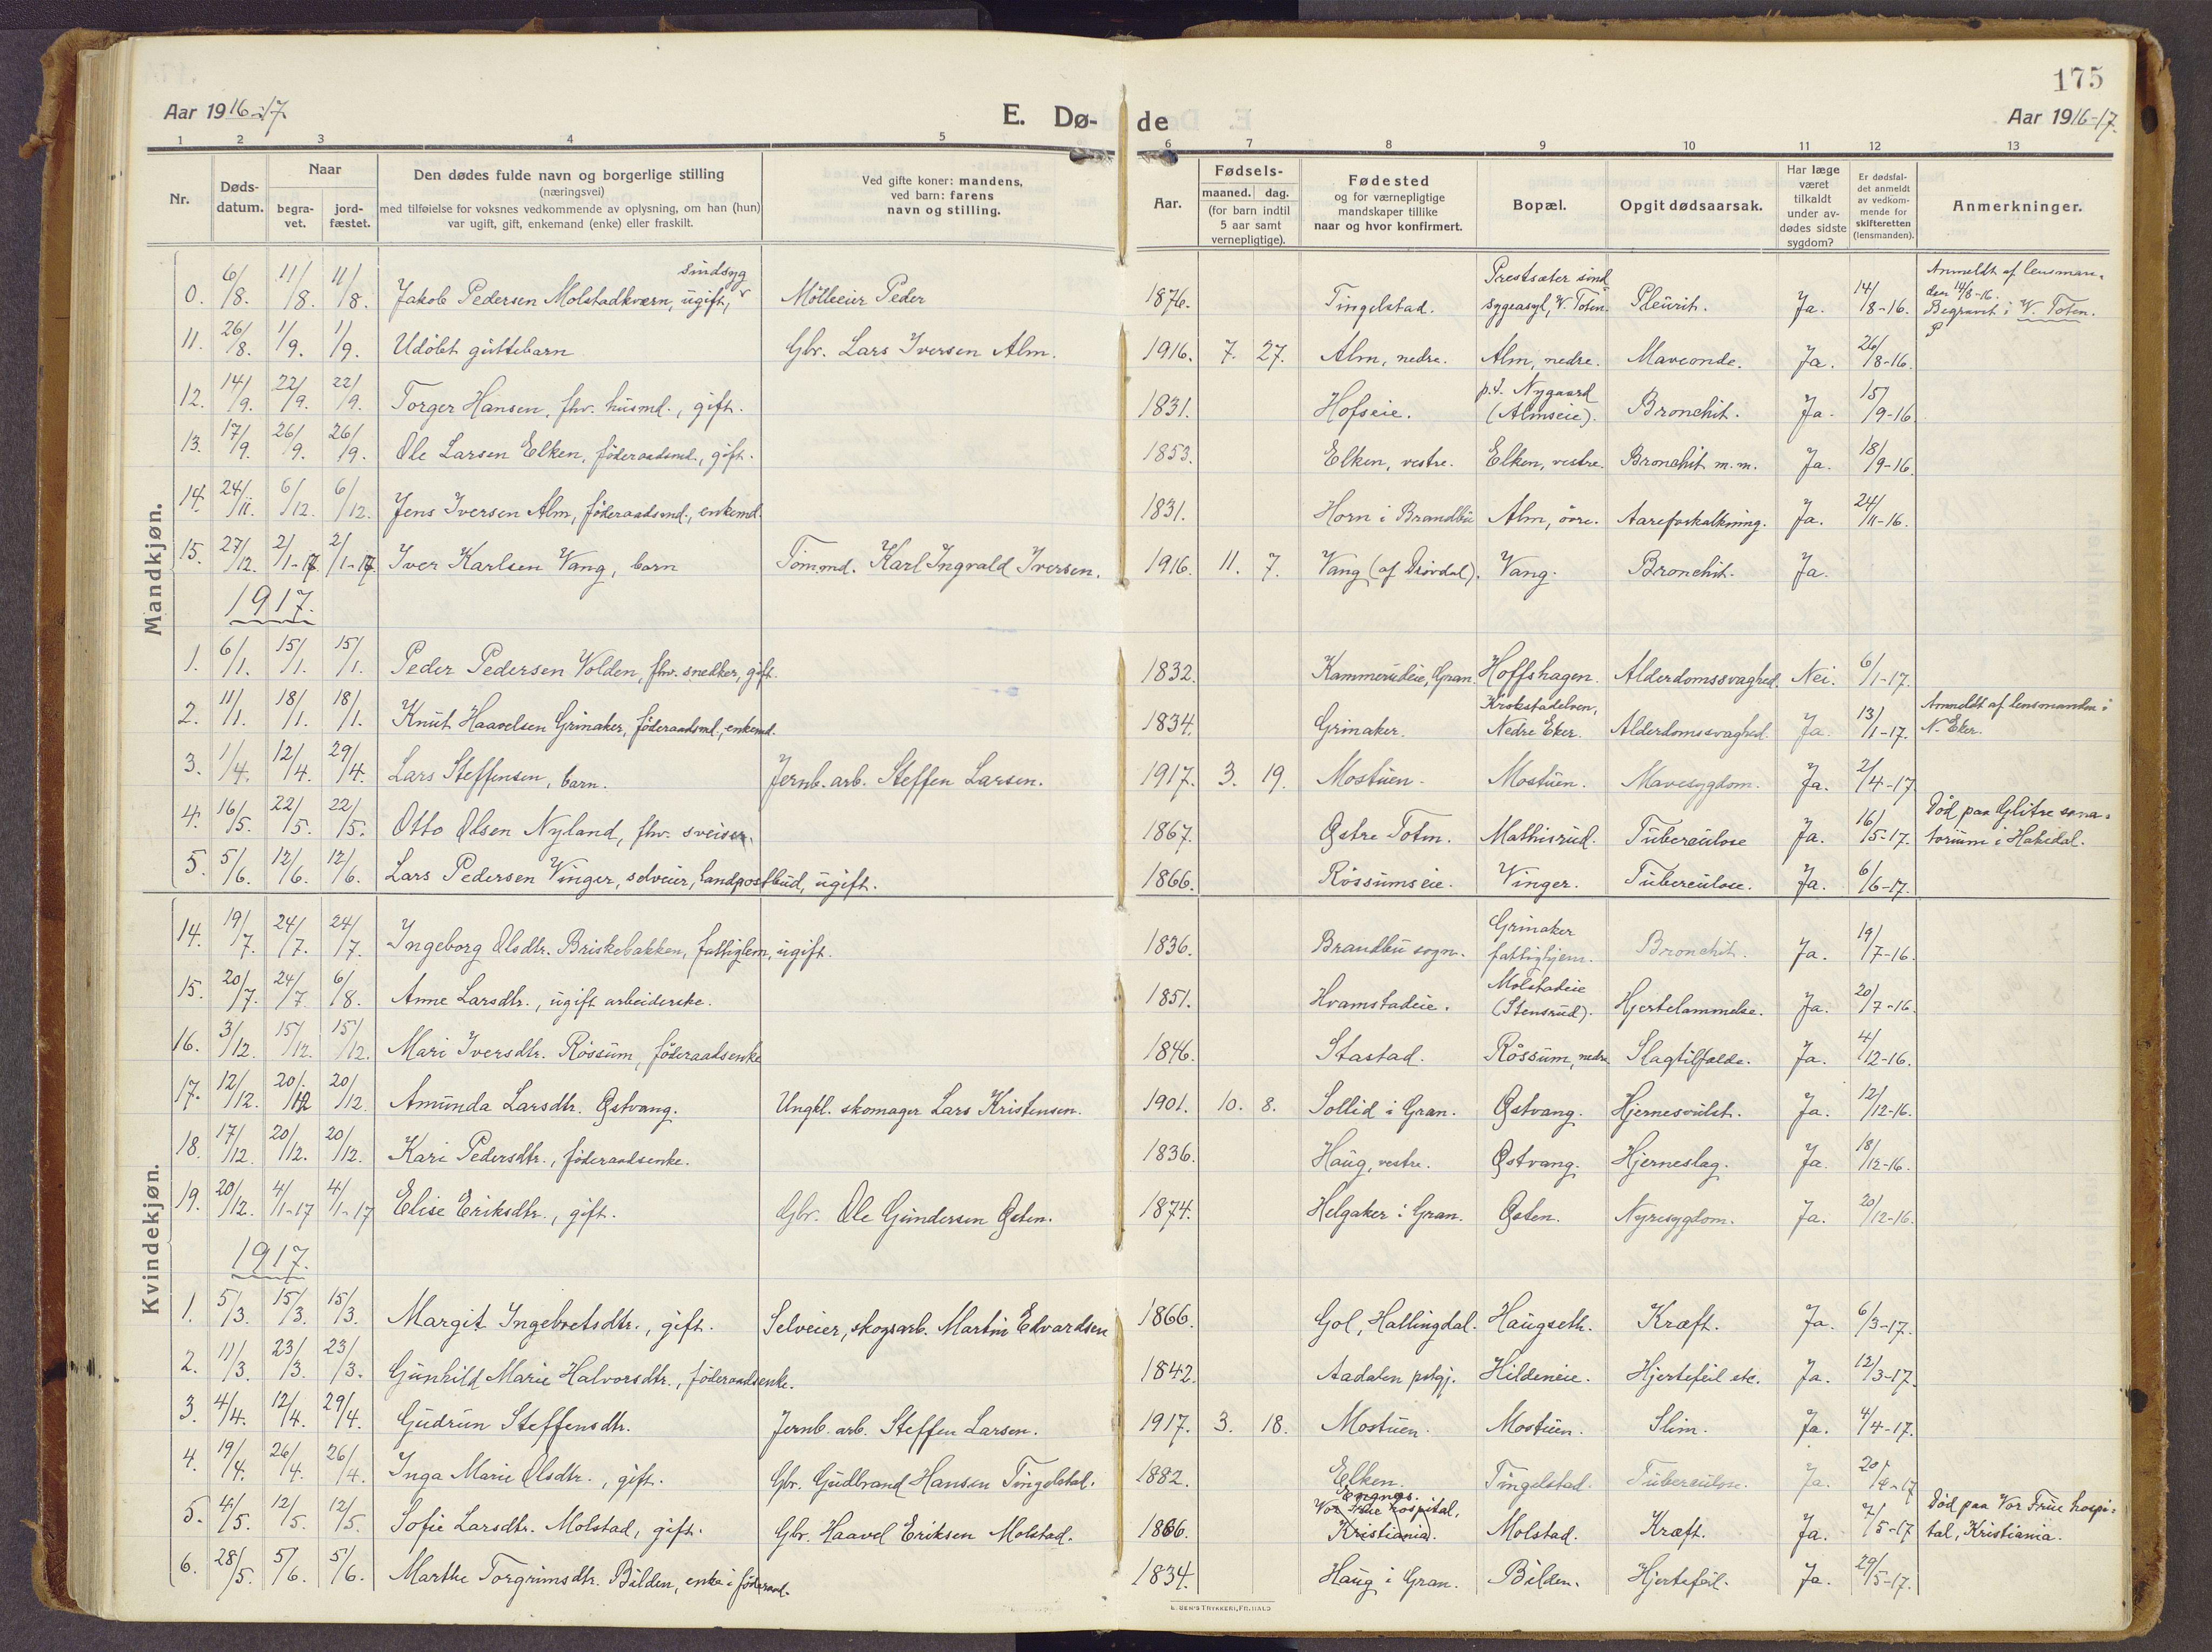 SAH, Brandbu prestekontor, Ministerialbok nr. 3, 1914-1928, s. 175